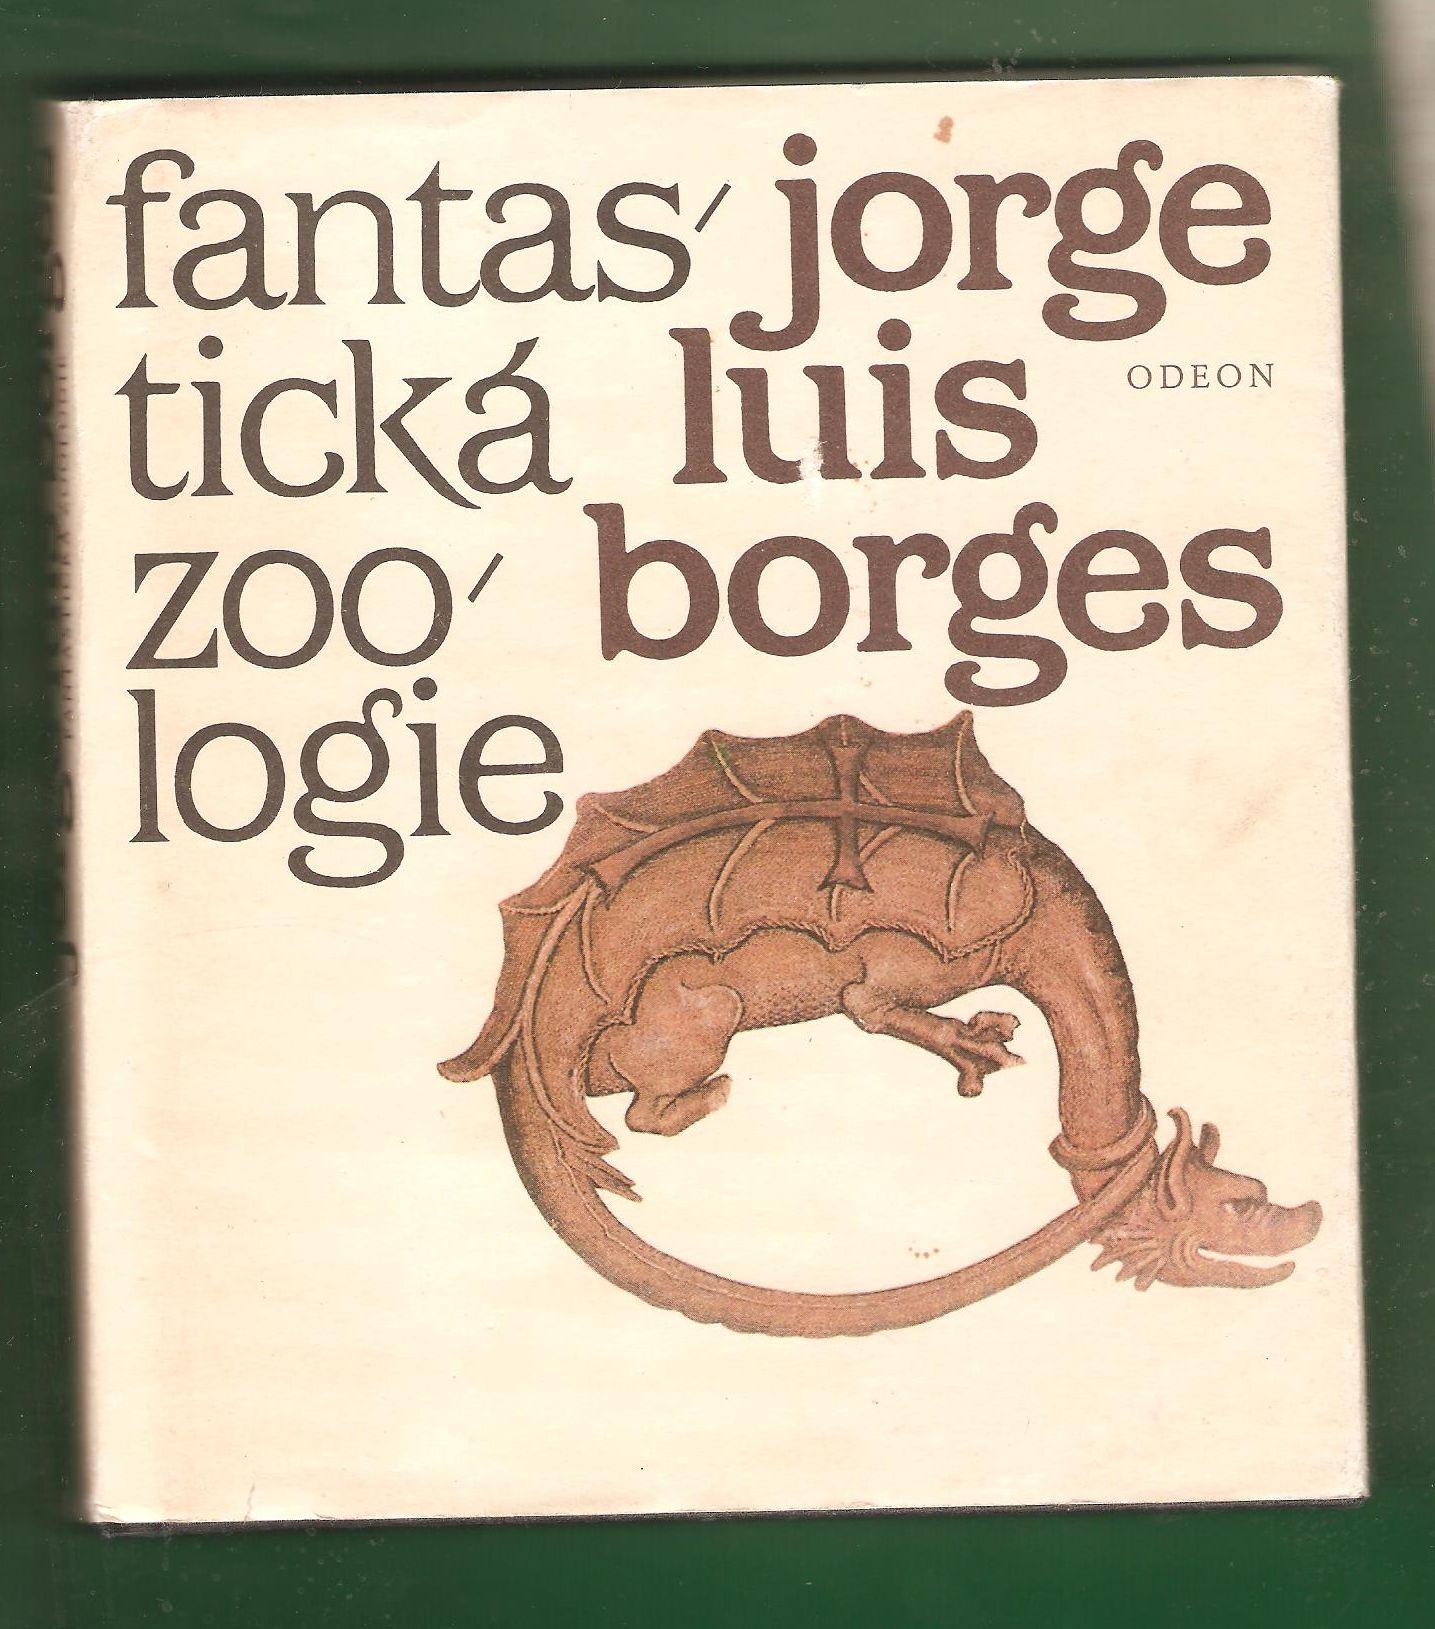 Fantastická zoologie - Jorge Luis Borges